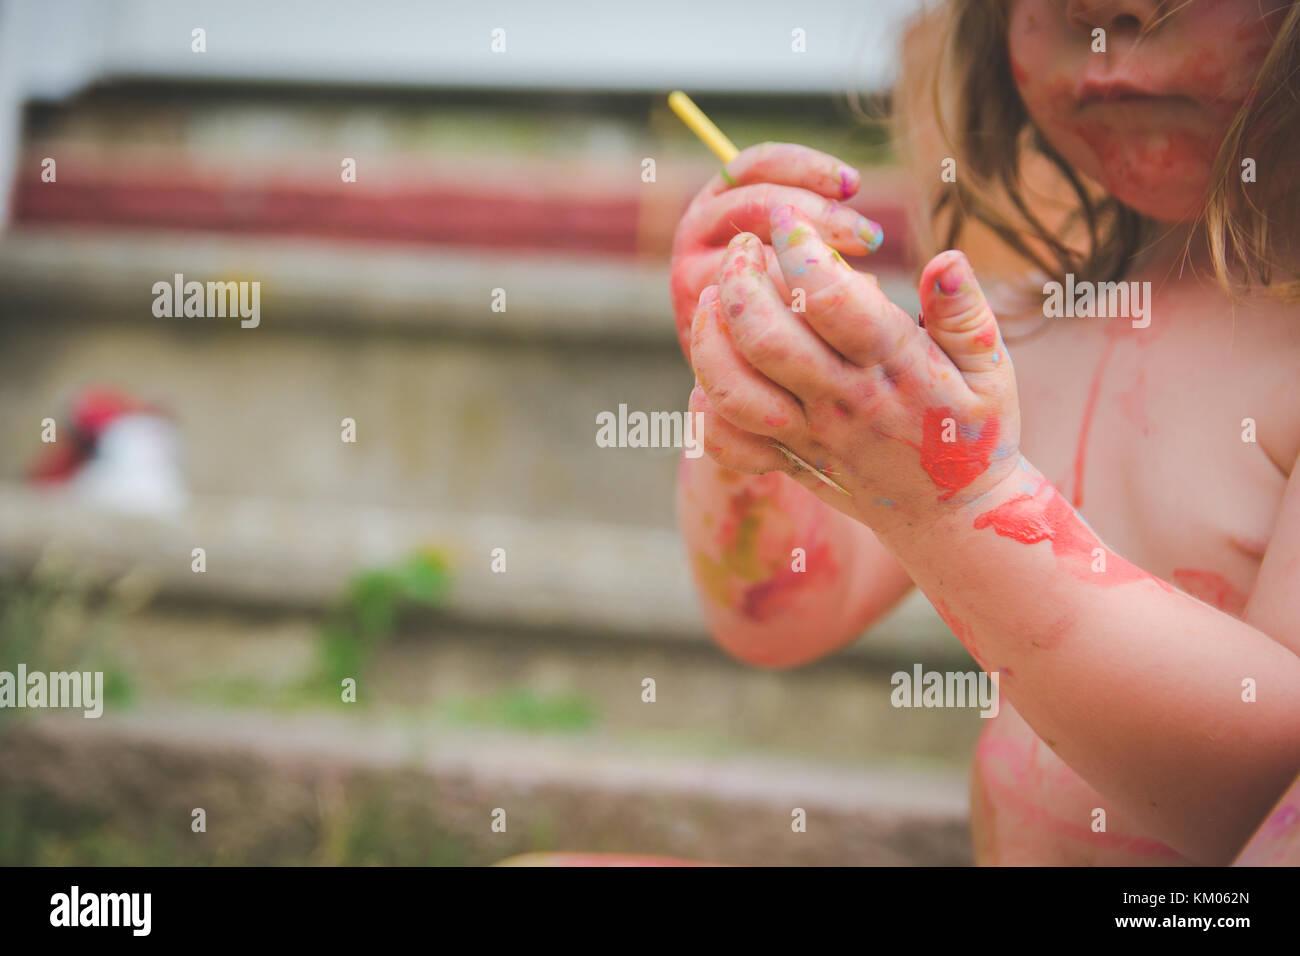 Un bimbo pitture sulle mani. Immagini Stock